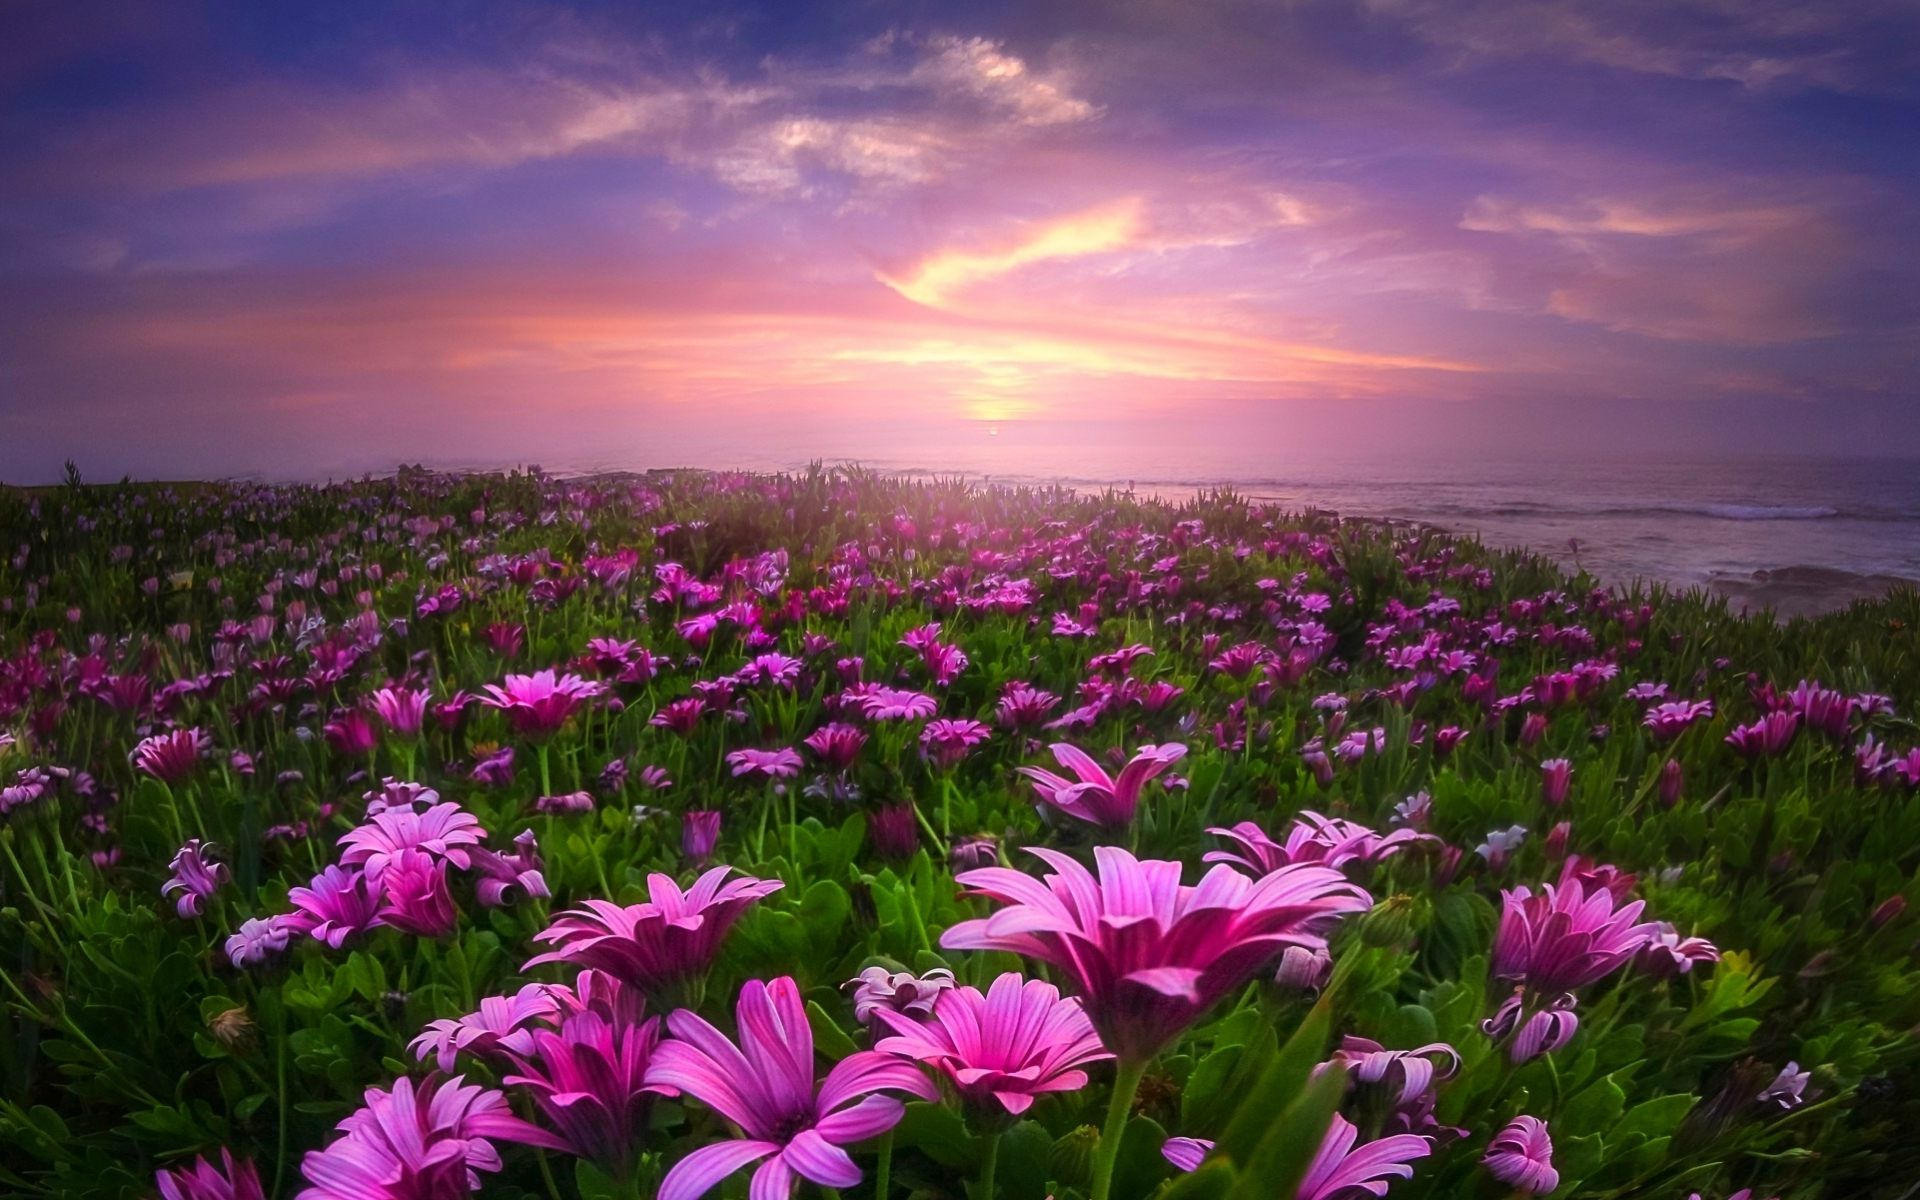 field of daisies hd wallpaper for desktop of flower fields